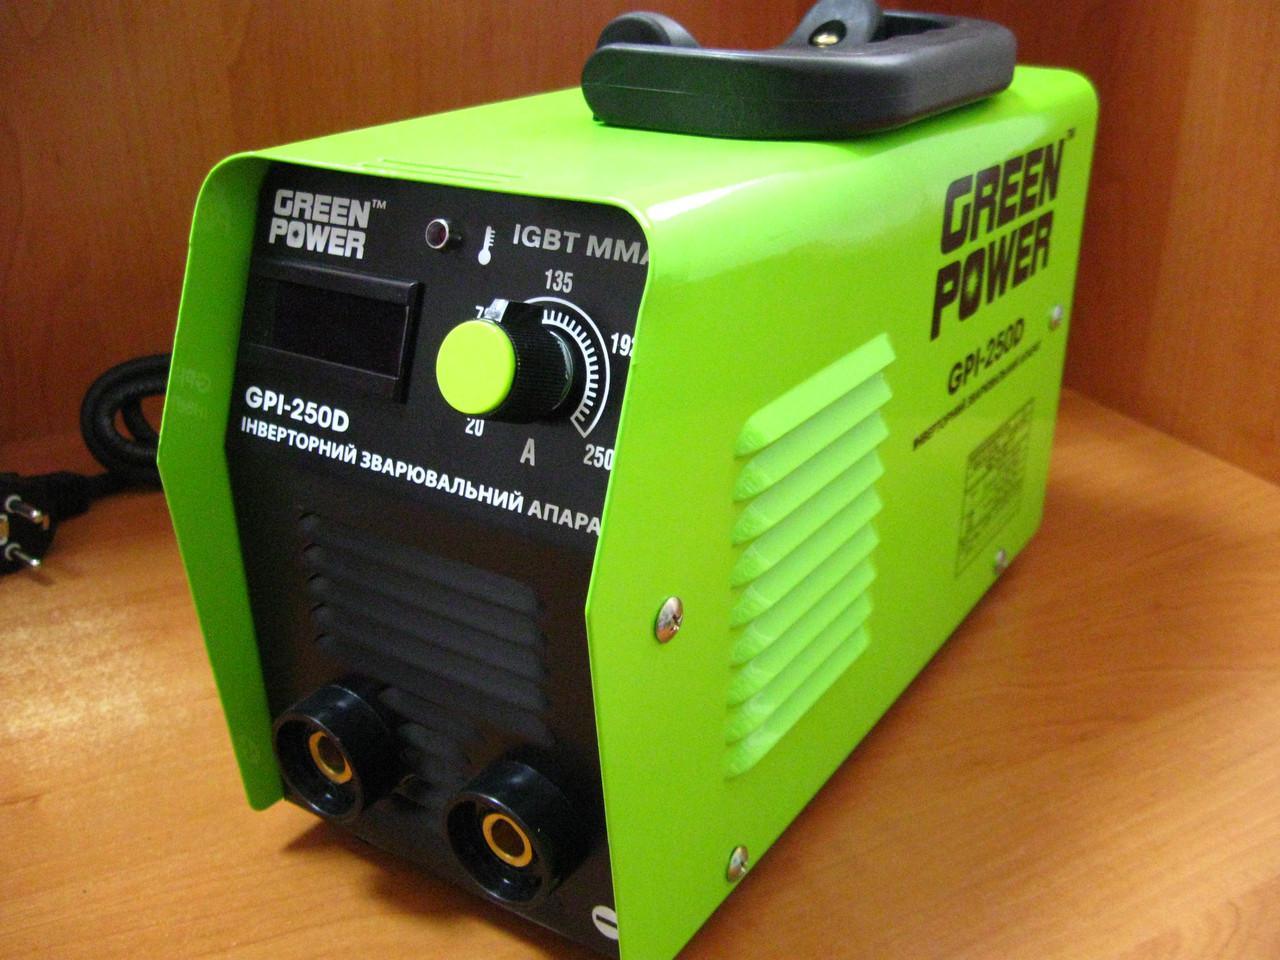 Інверторний зварювальний апарат Green Power GPI-250D